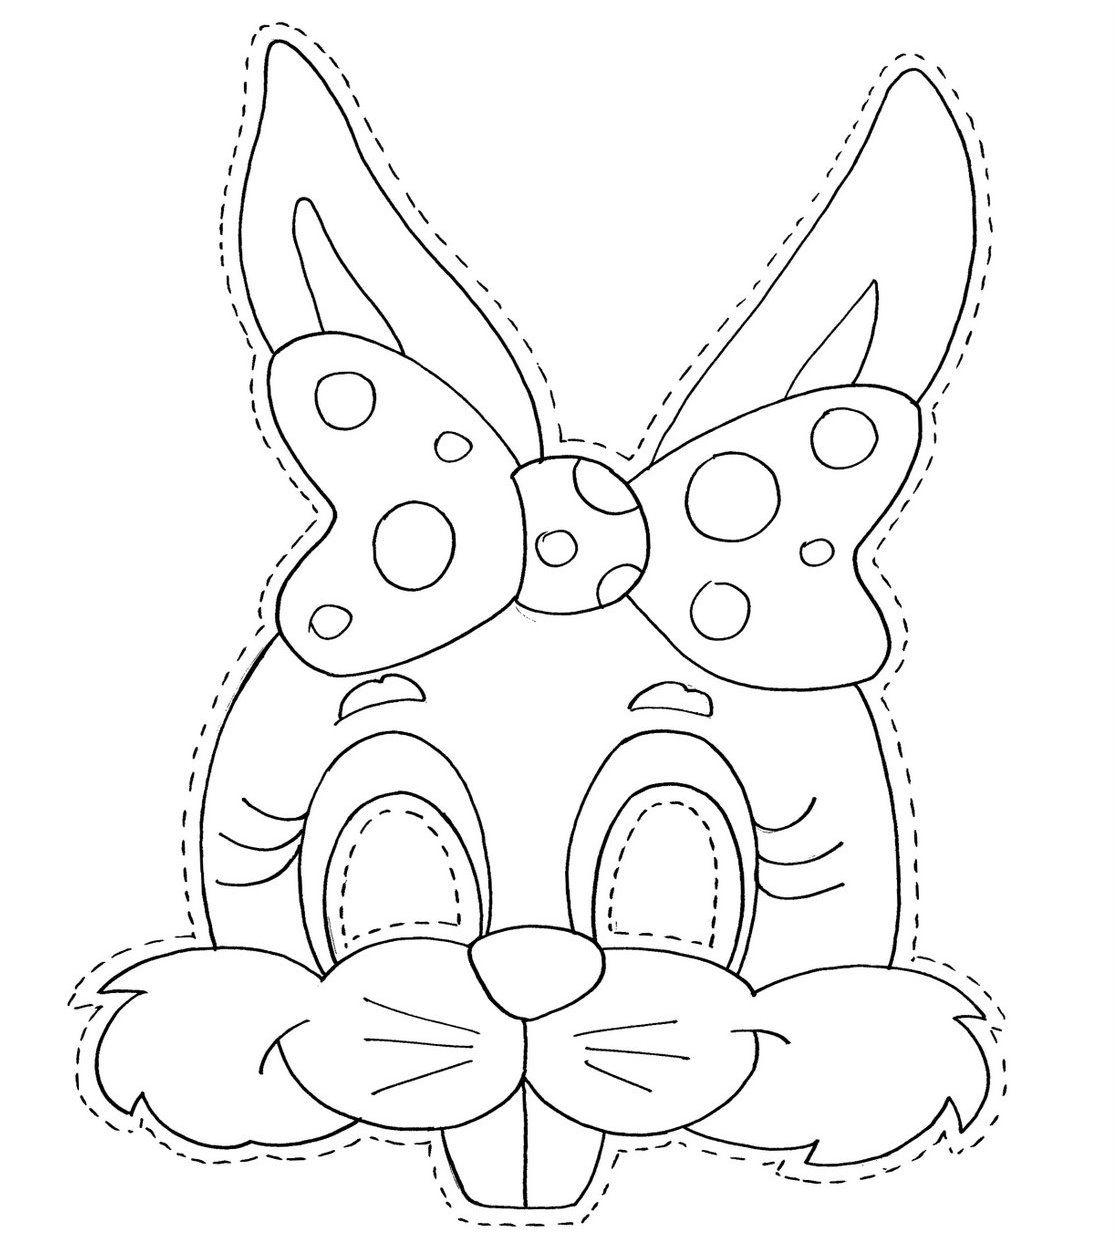 Desenho De Máscara De Coelhinha Da Páscoa Para Colorir